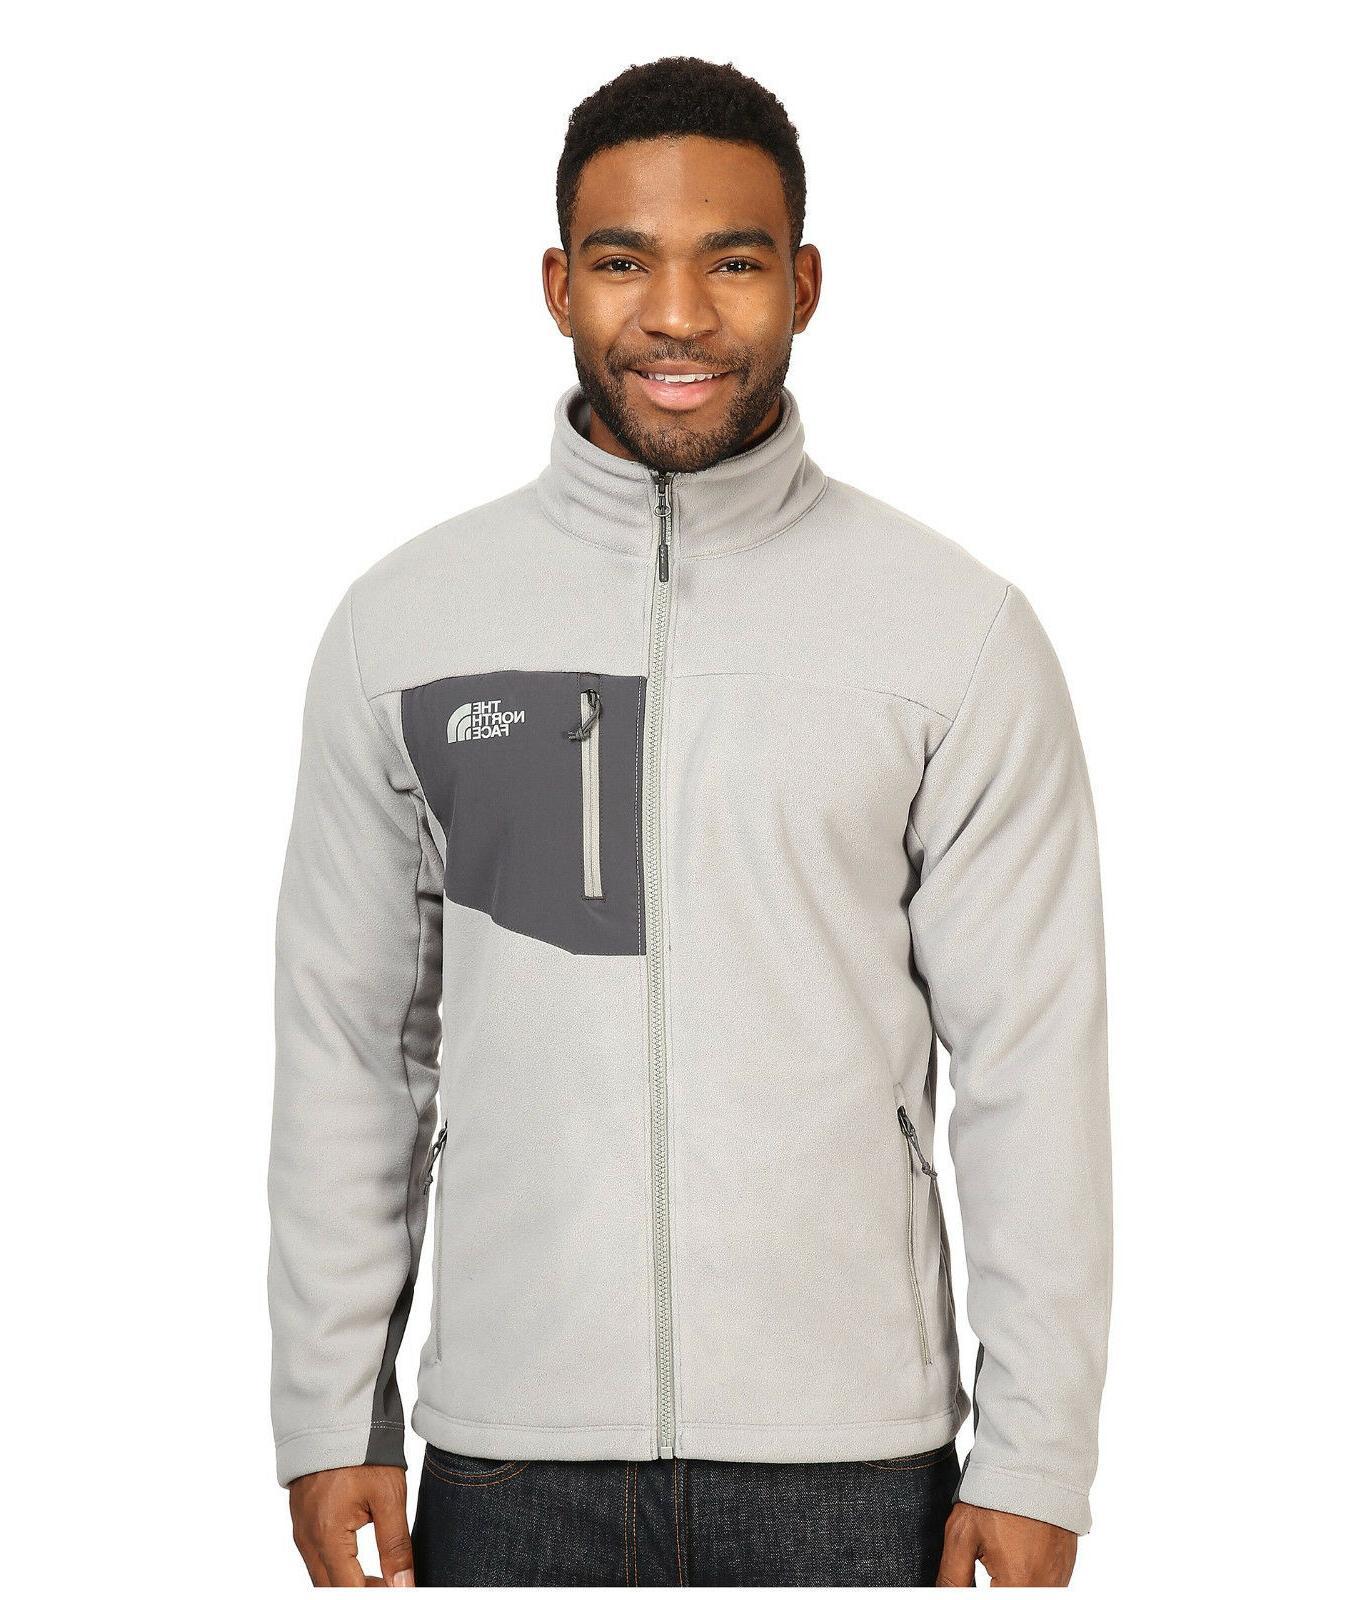 new with tags mens chimborazo jacket coat